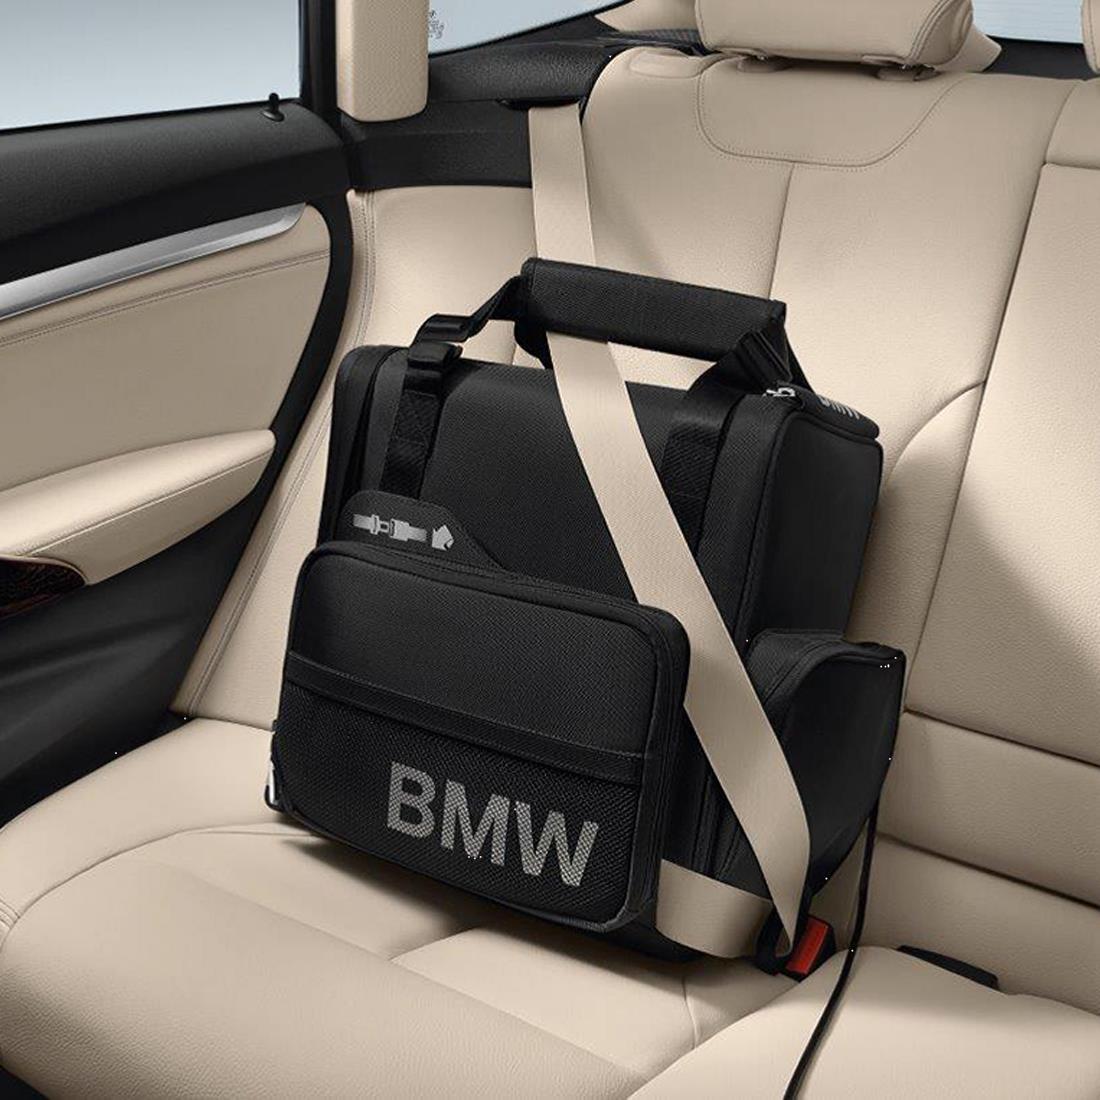 Shopbmwusacom Bmw Cool Bag